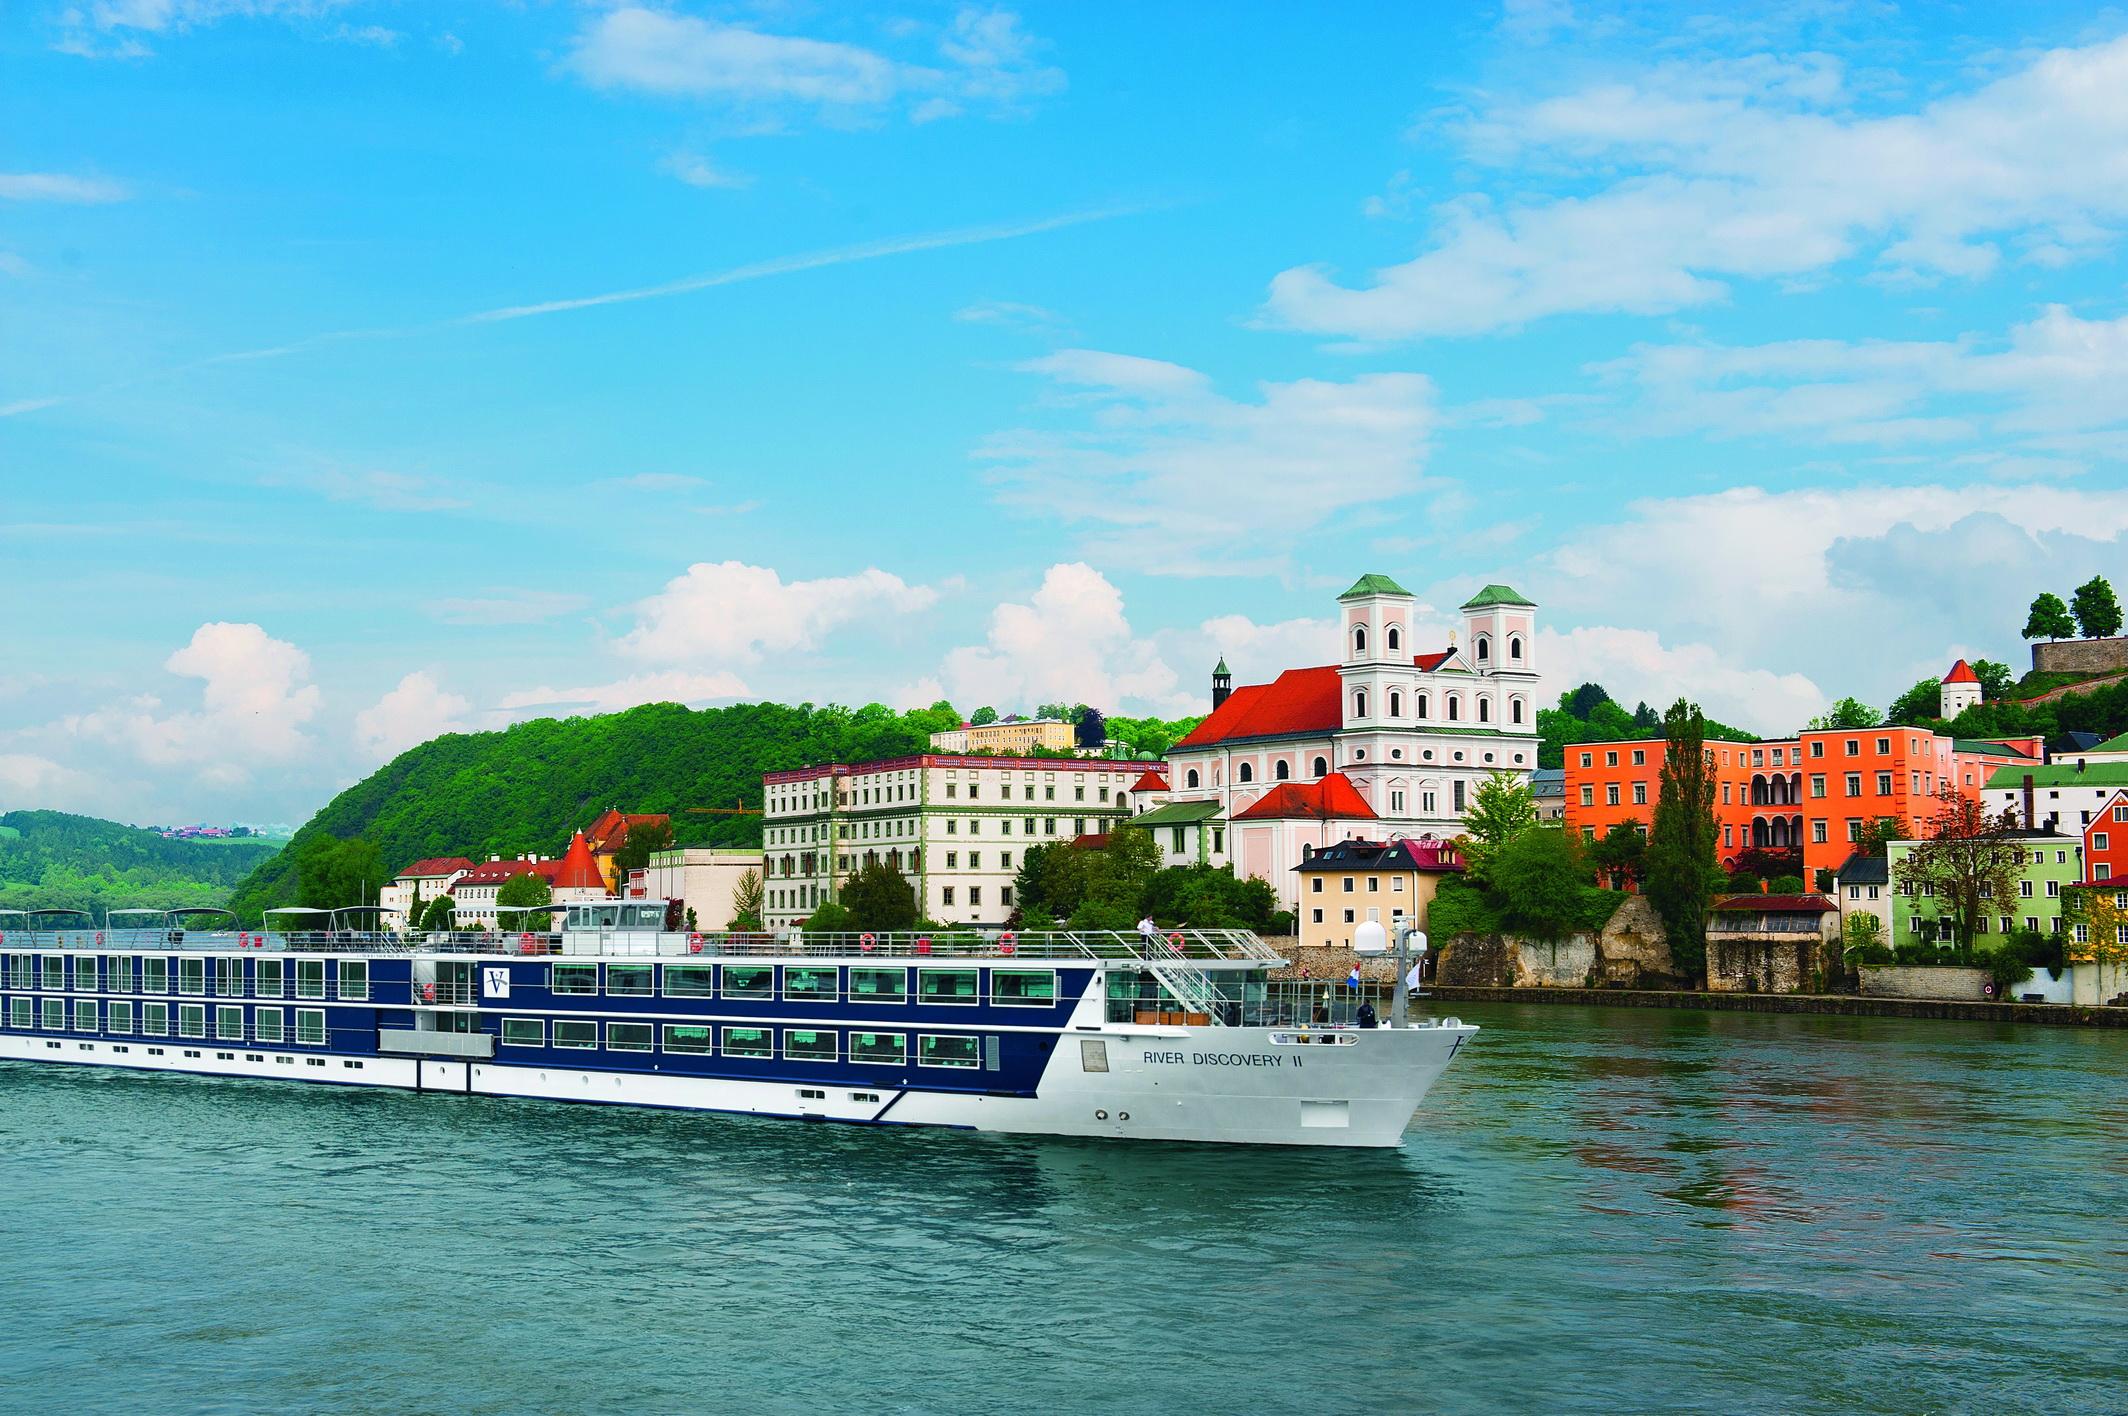 Elvecruise på Donau - norsk reiseleder - helpensjon og utflukter inkludert